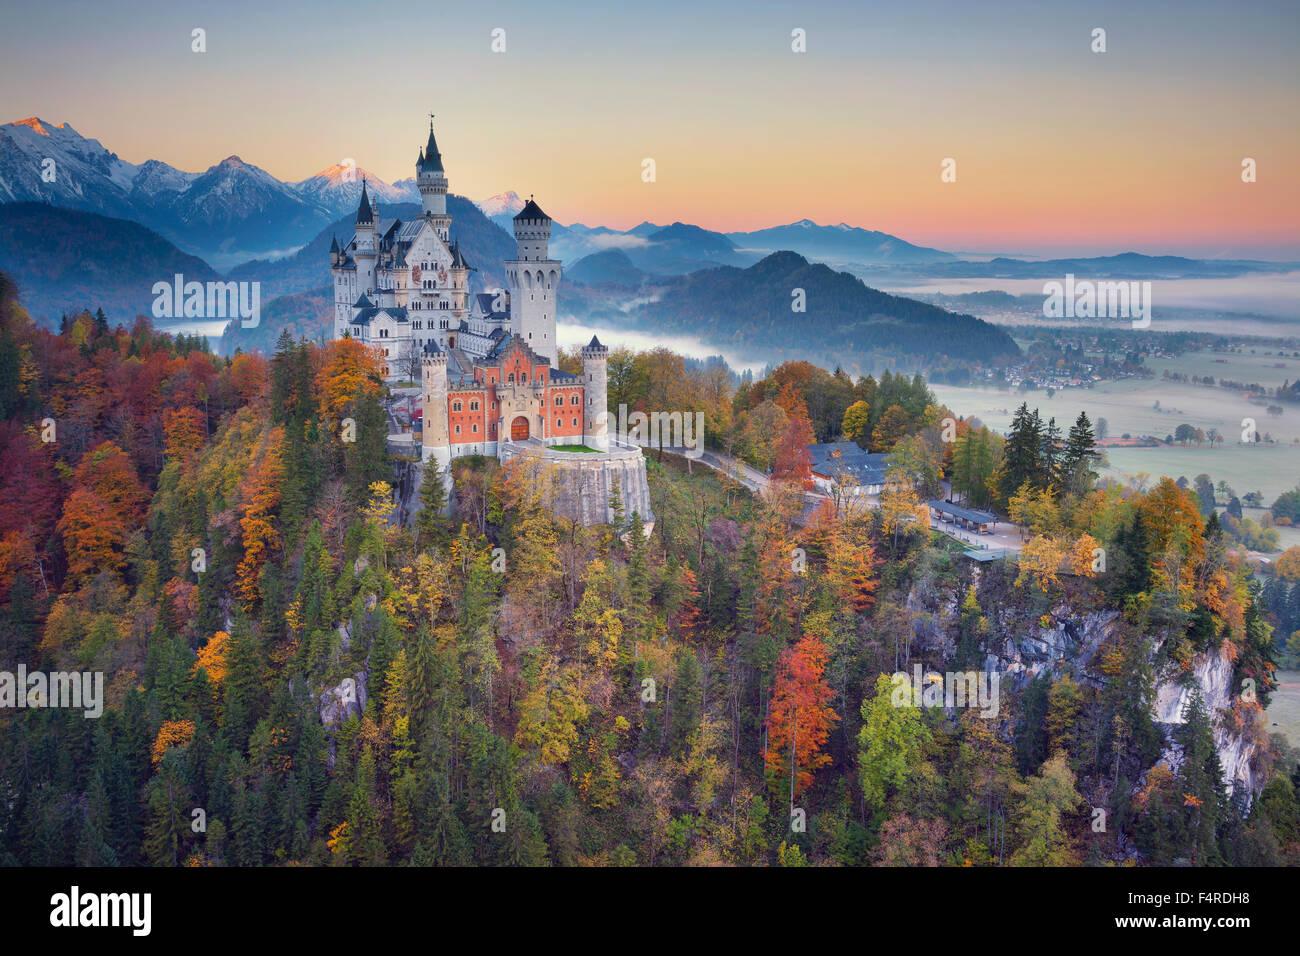 Schloss Neuschwanstein, Deutschland.  Blick auf Schloss Neuschwanstein in der herbstlichen Dämmerung. Stockbild